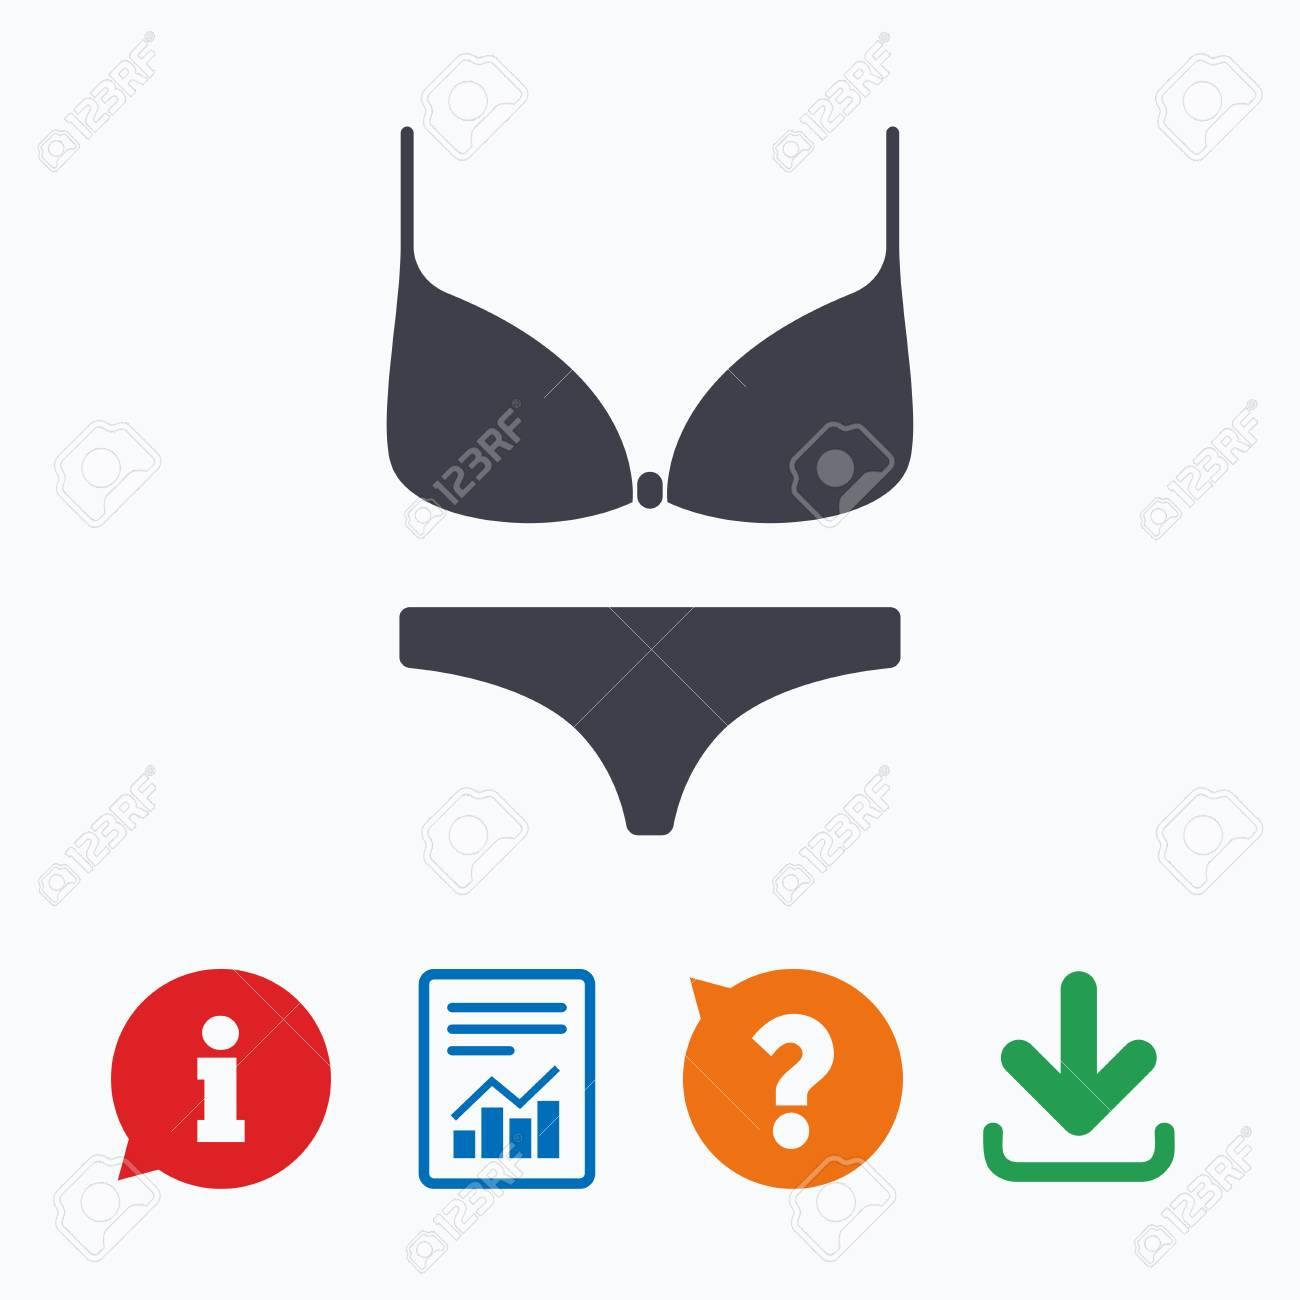 be5698ab77da Foto de archivo - Las mujeres sujetador y bragas firman el icono. Íntima  símbolo de la ropa interior. Burbuja de información, interrogación, ...